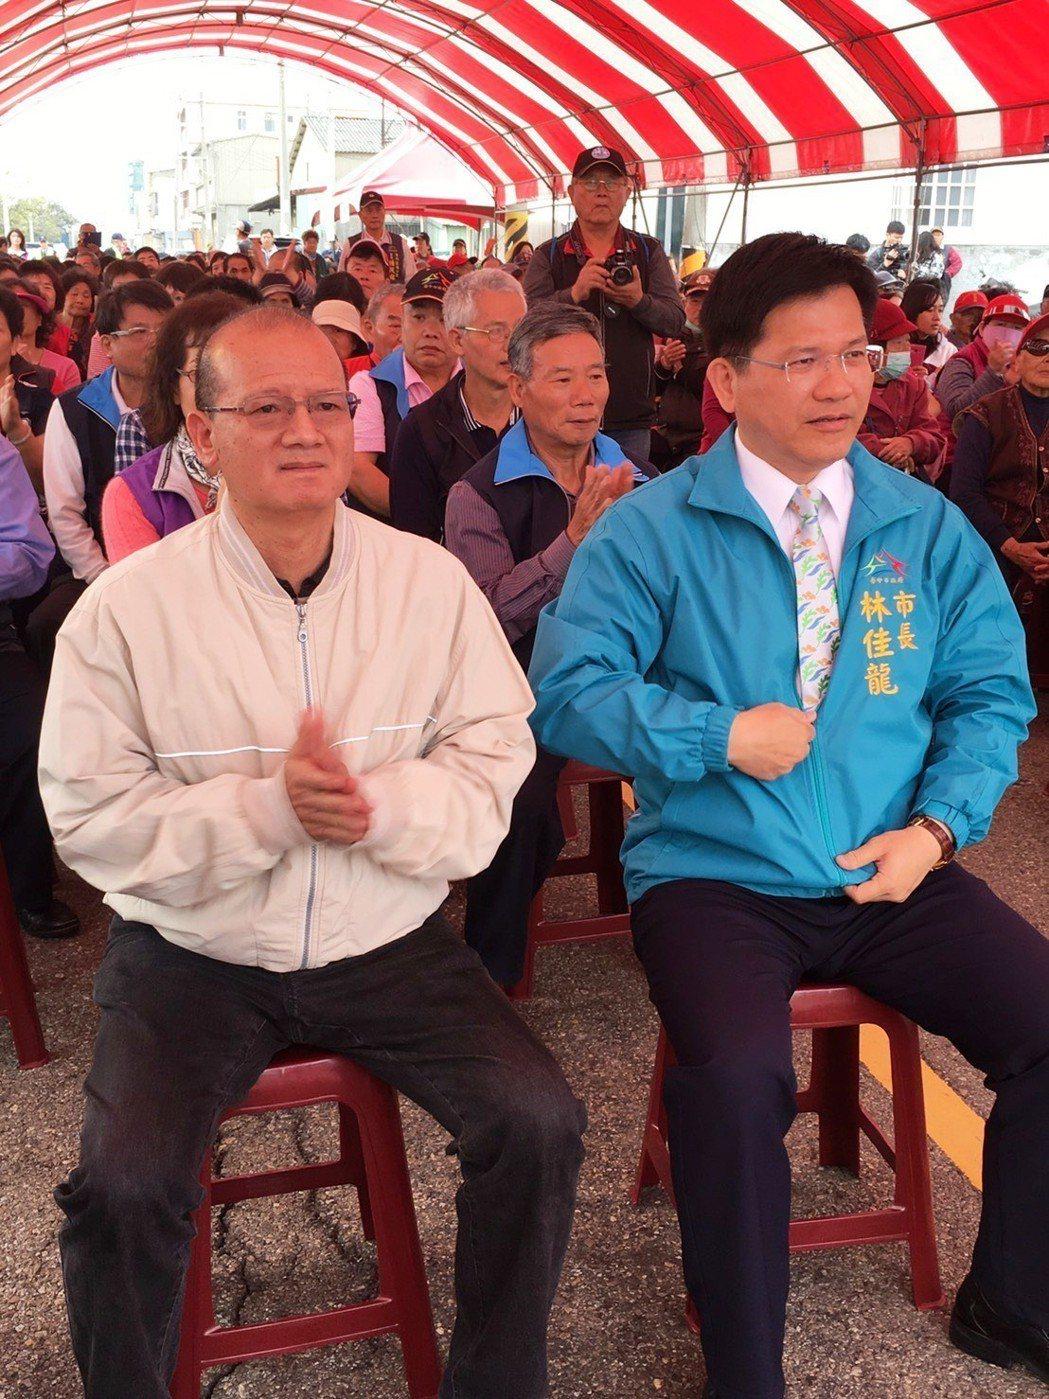 秀水、武鹿聯合里活動中心上午由市長林佳龍主持動土典禮。圖/張清照服務處提供